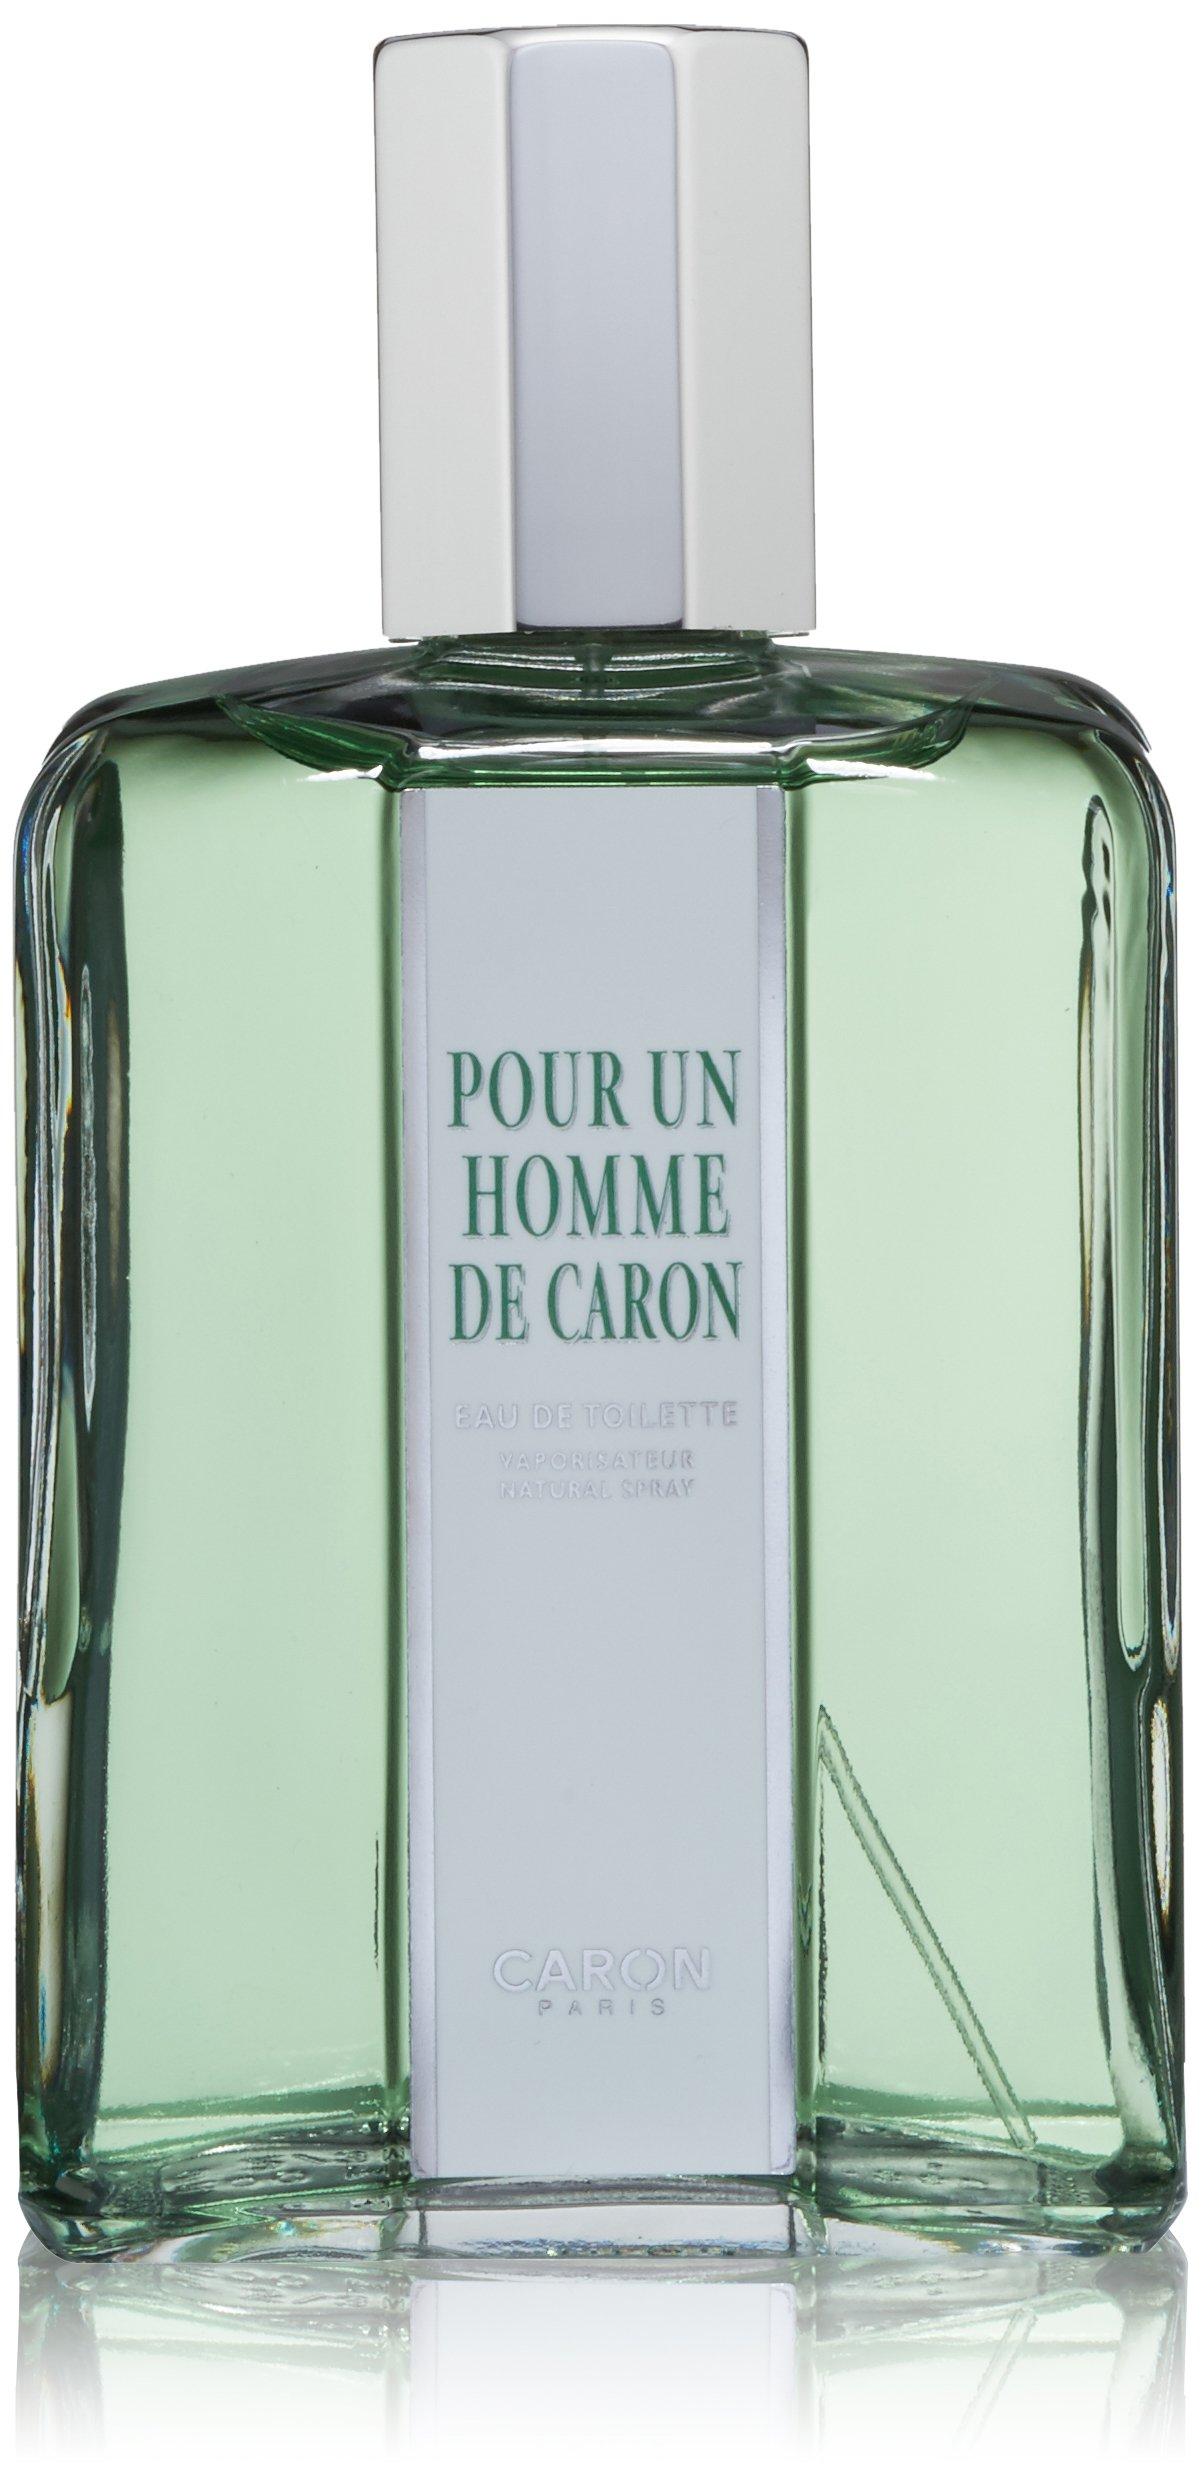 CARON PARIS Pour Un Homme De Caron Eau de Toilette Spray, 6.7 fl. oz.